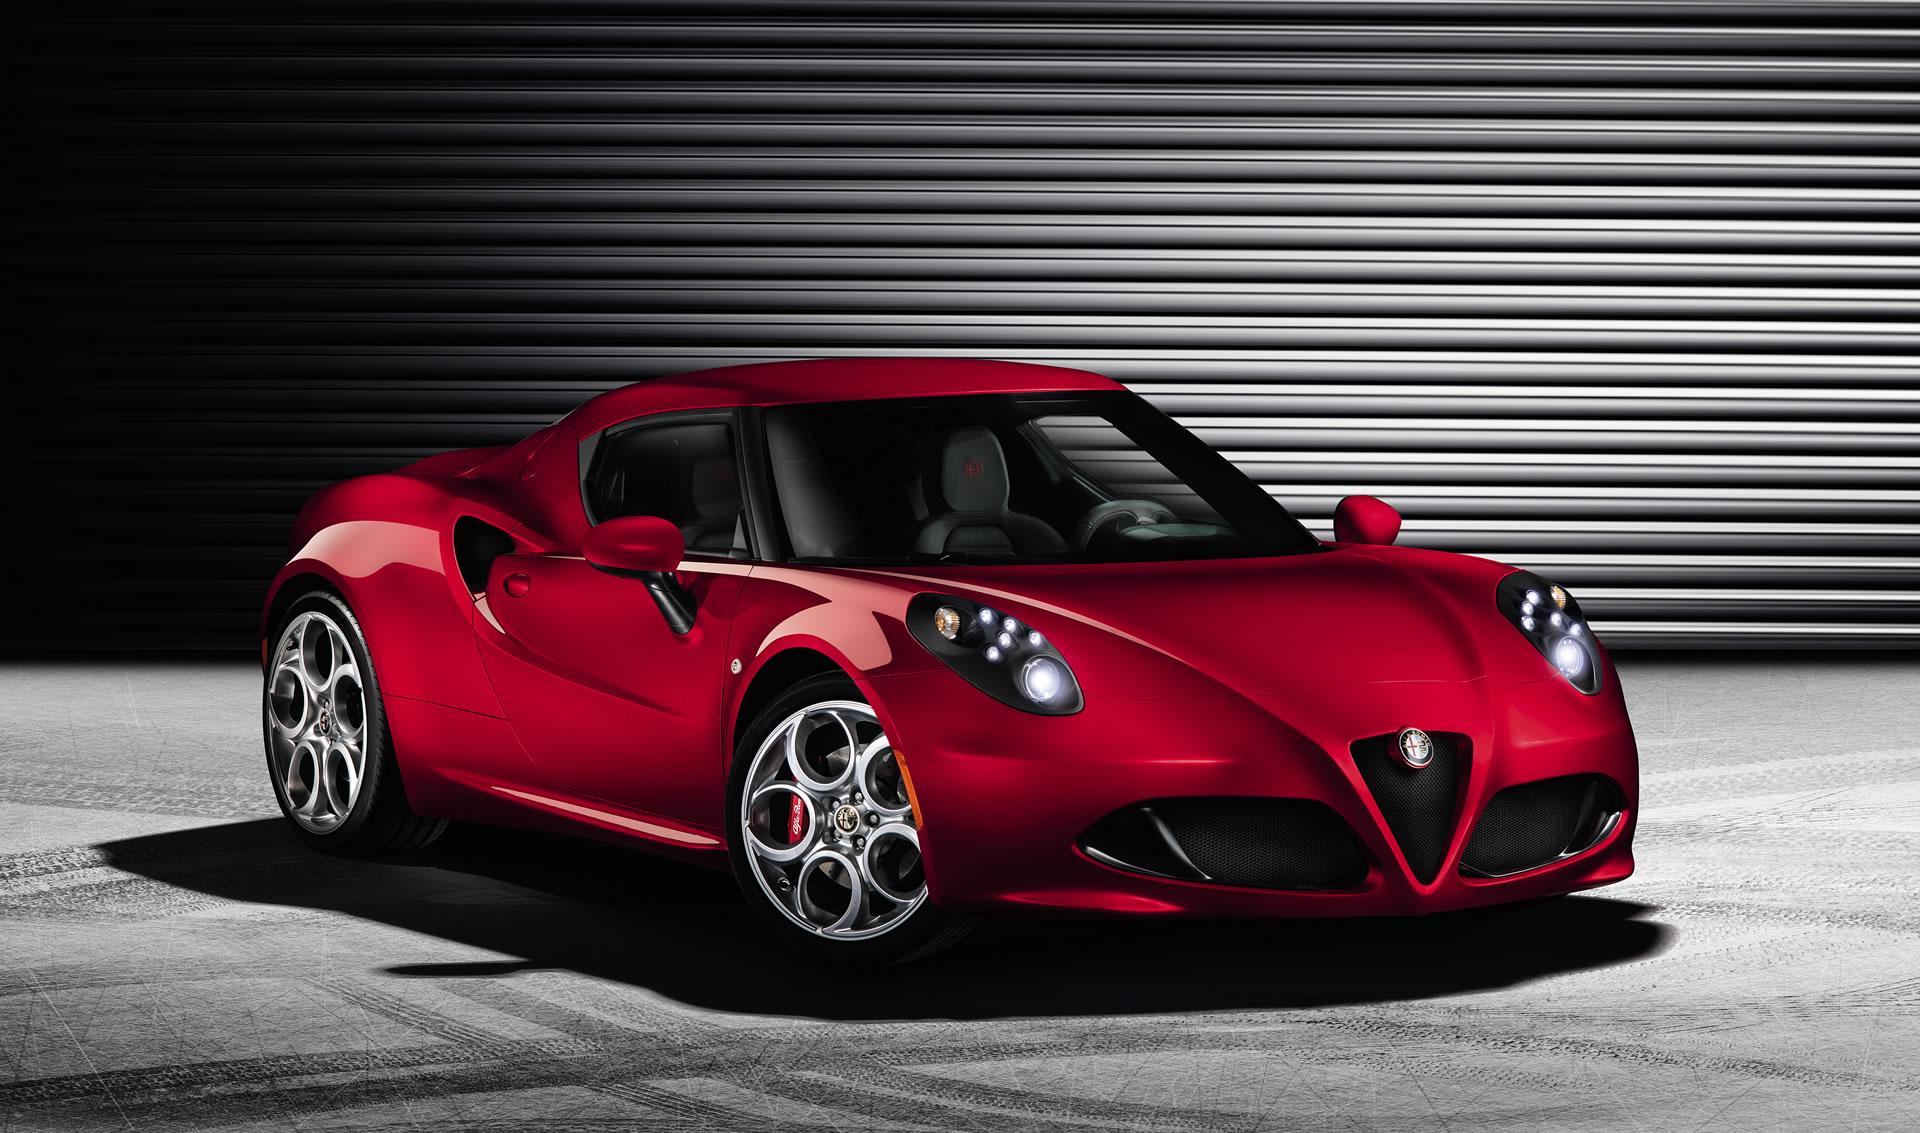 Neuer Italo-Sportler: Alfa Romeo 4C feiert Premiere in ...